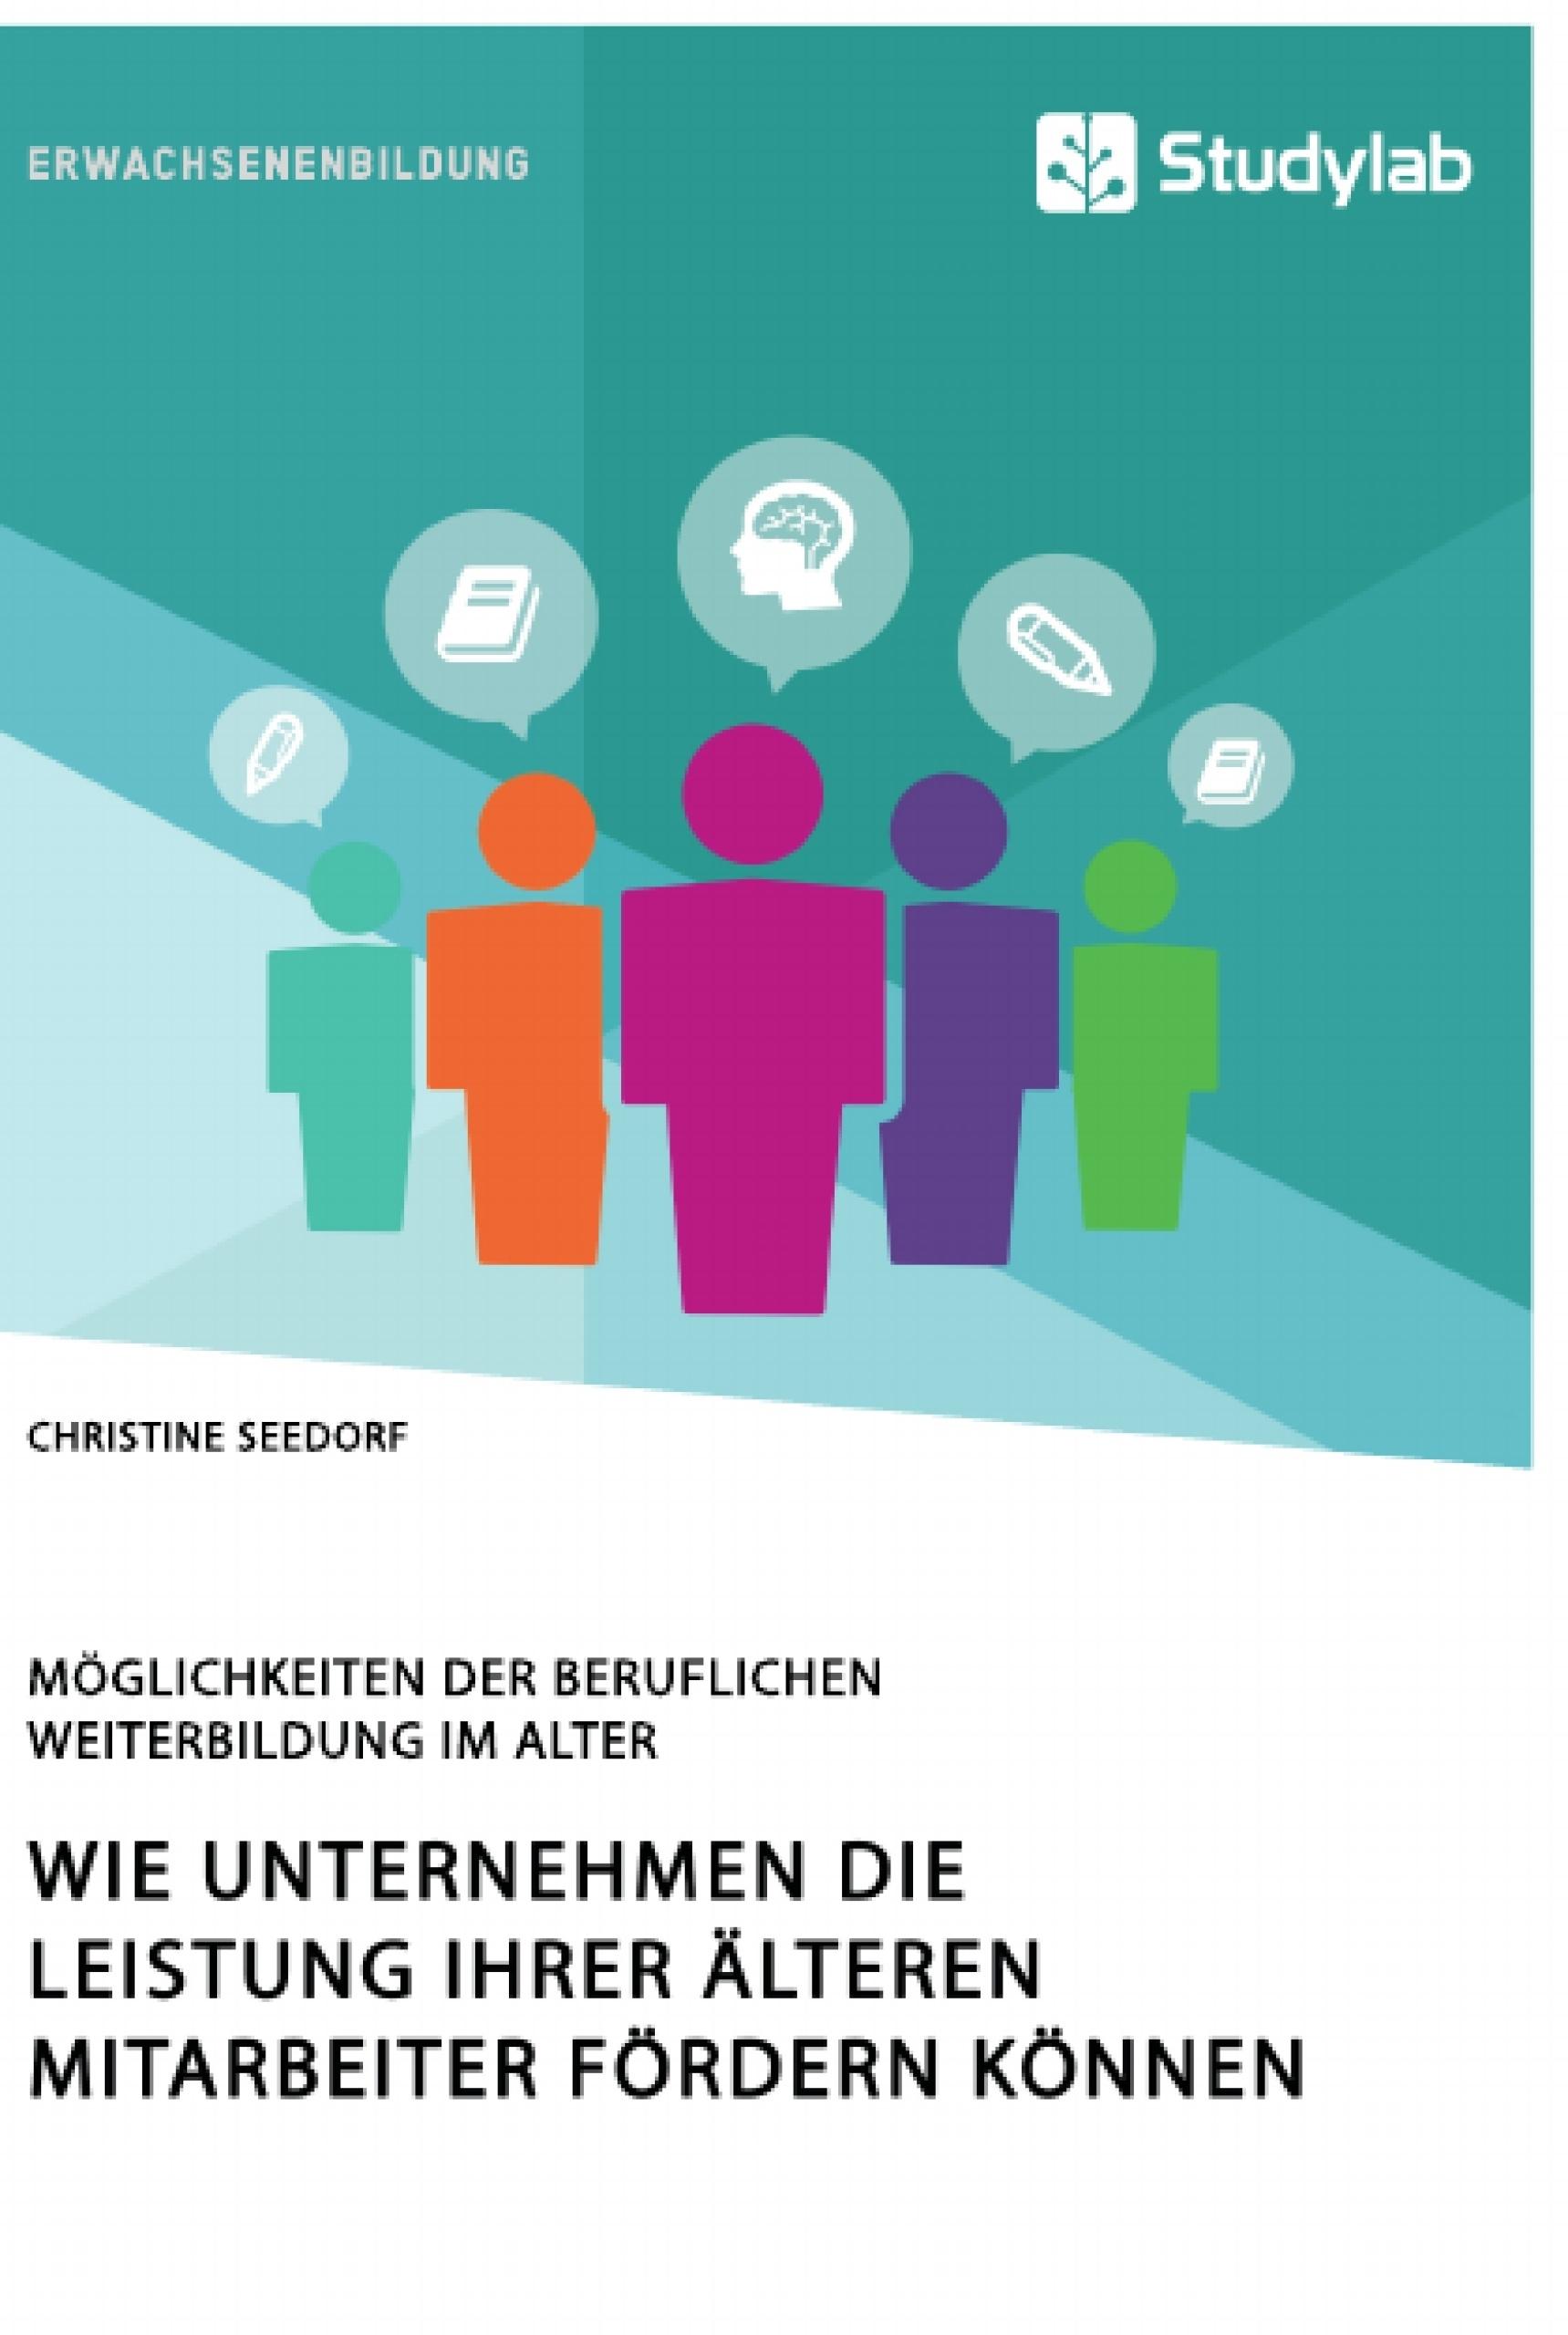 Titel: Wie Unternehmen die Leistung ihrer älteren Mitarbeiter fördern können. Möglichkeiten der beruflichen Weiterbildung im Alter